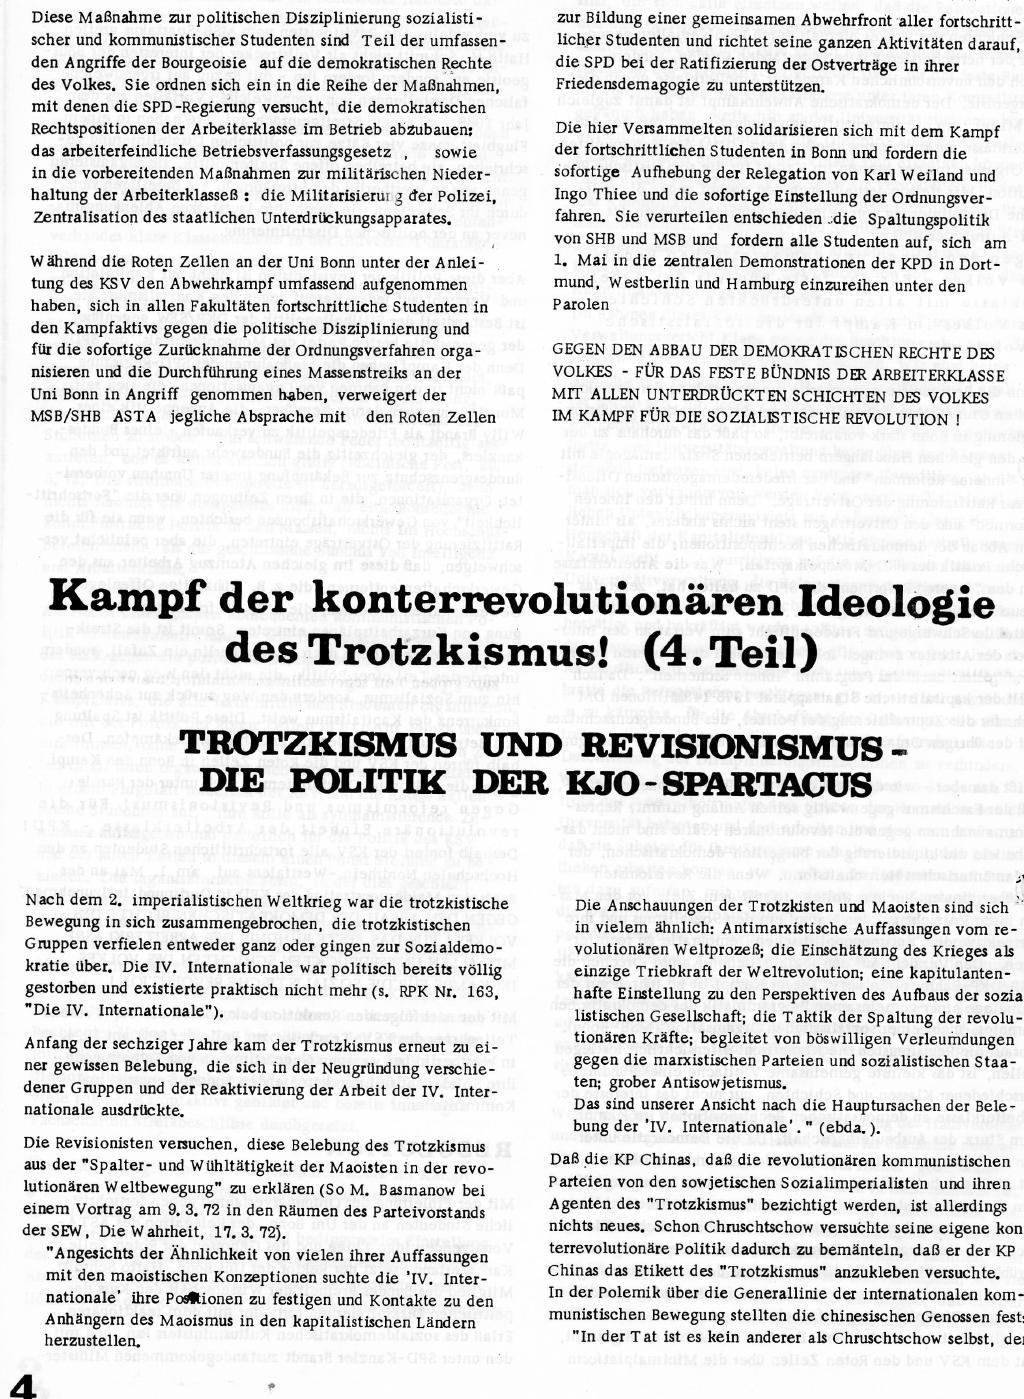 RPK_1972_164_04